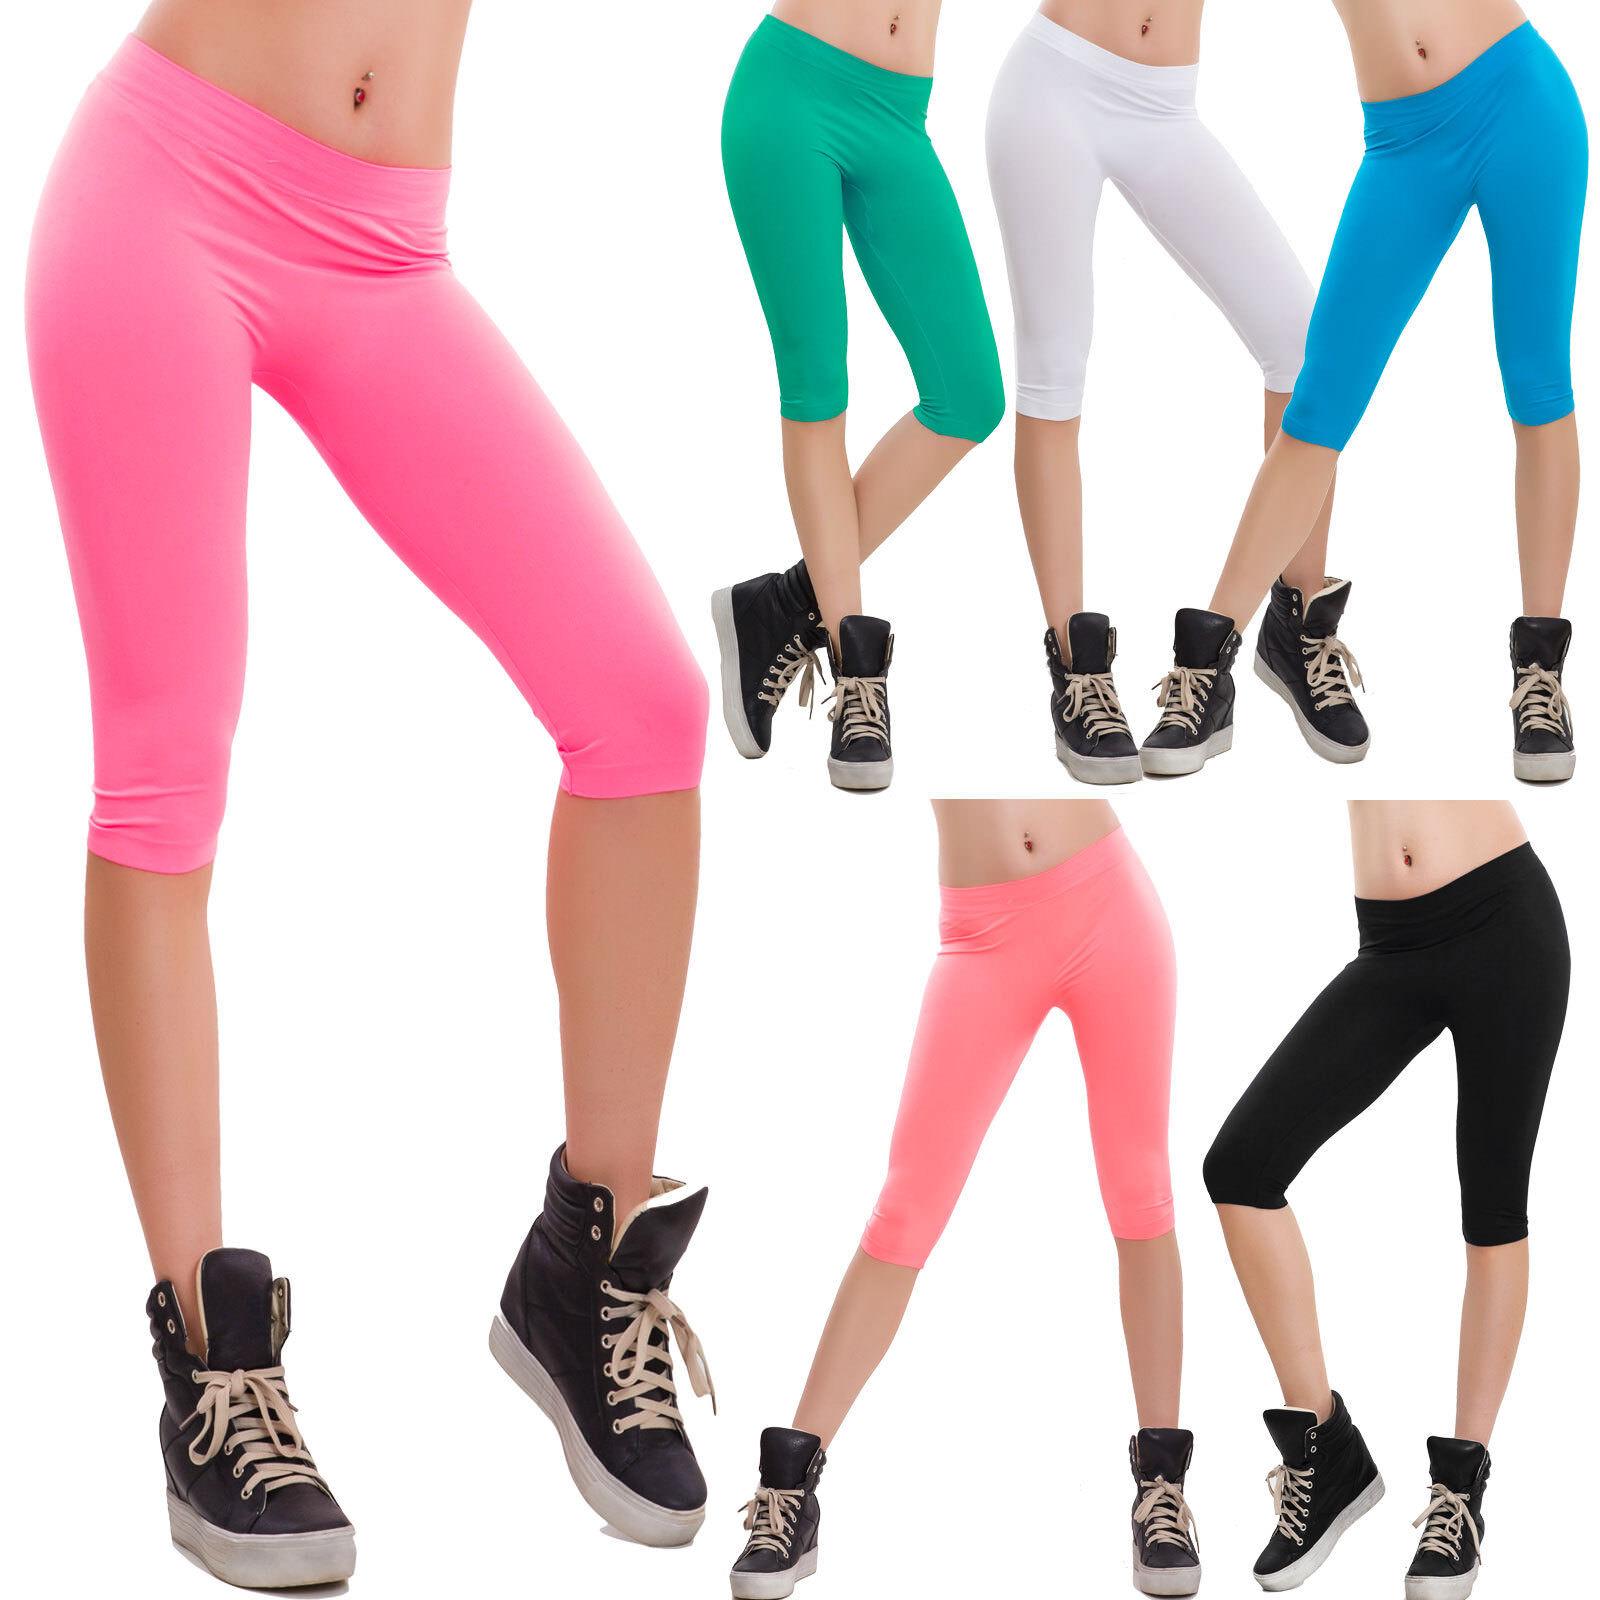 Pantalones cortos shorts mujeres Capris deporte polainas fitness Microfiber  F3267 2f7a457e84a6